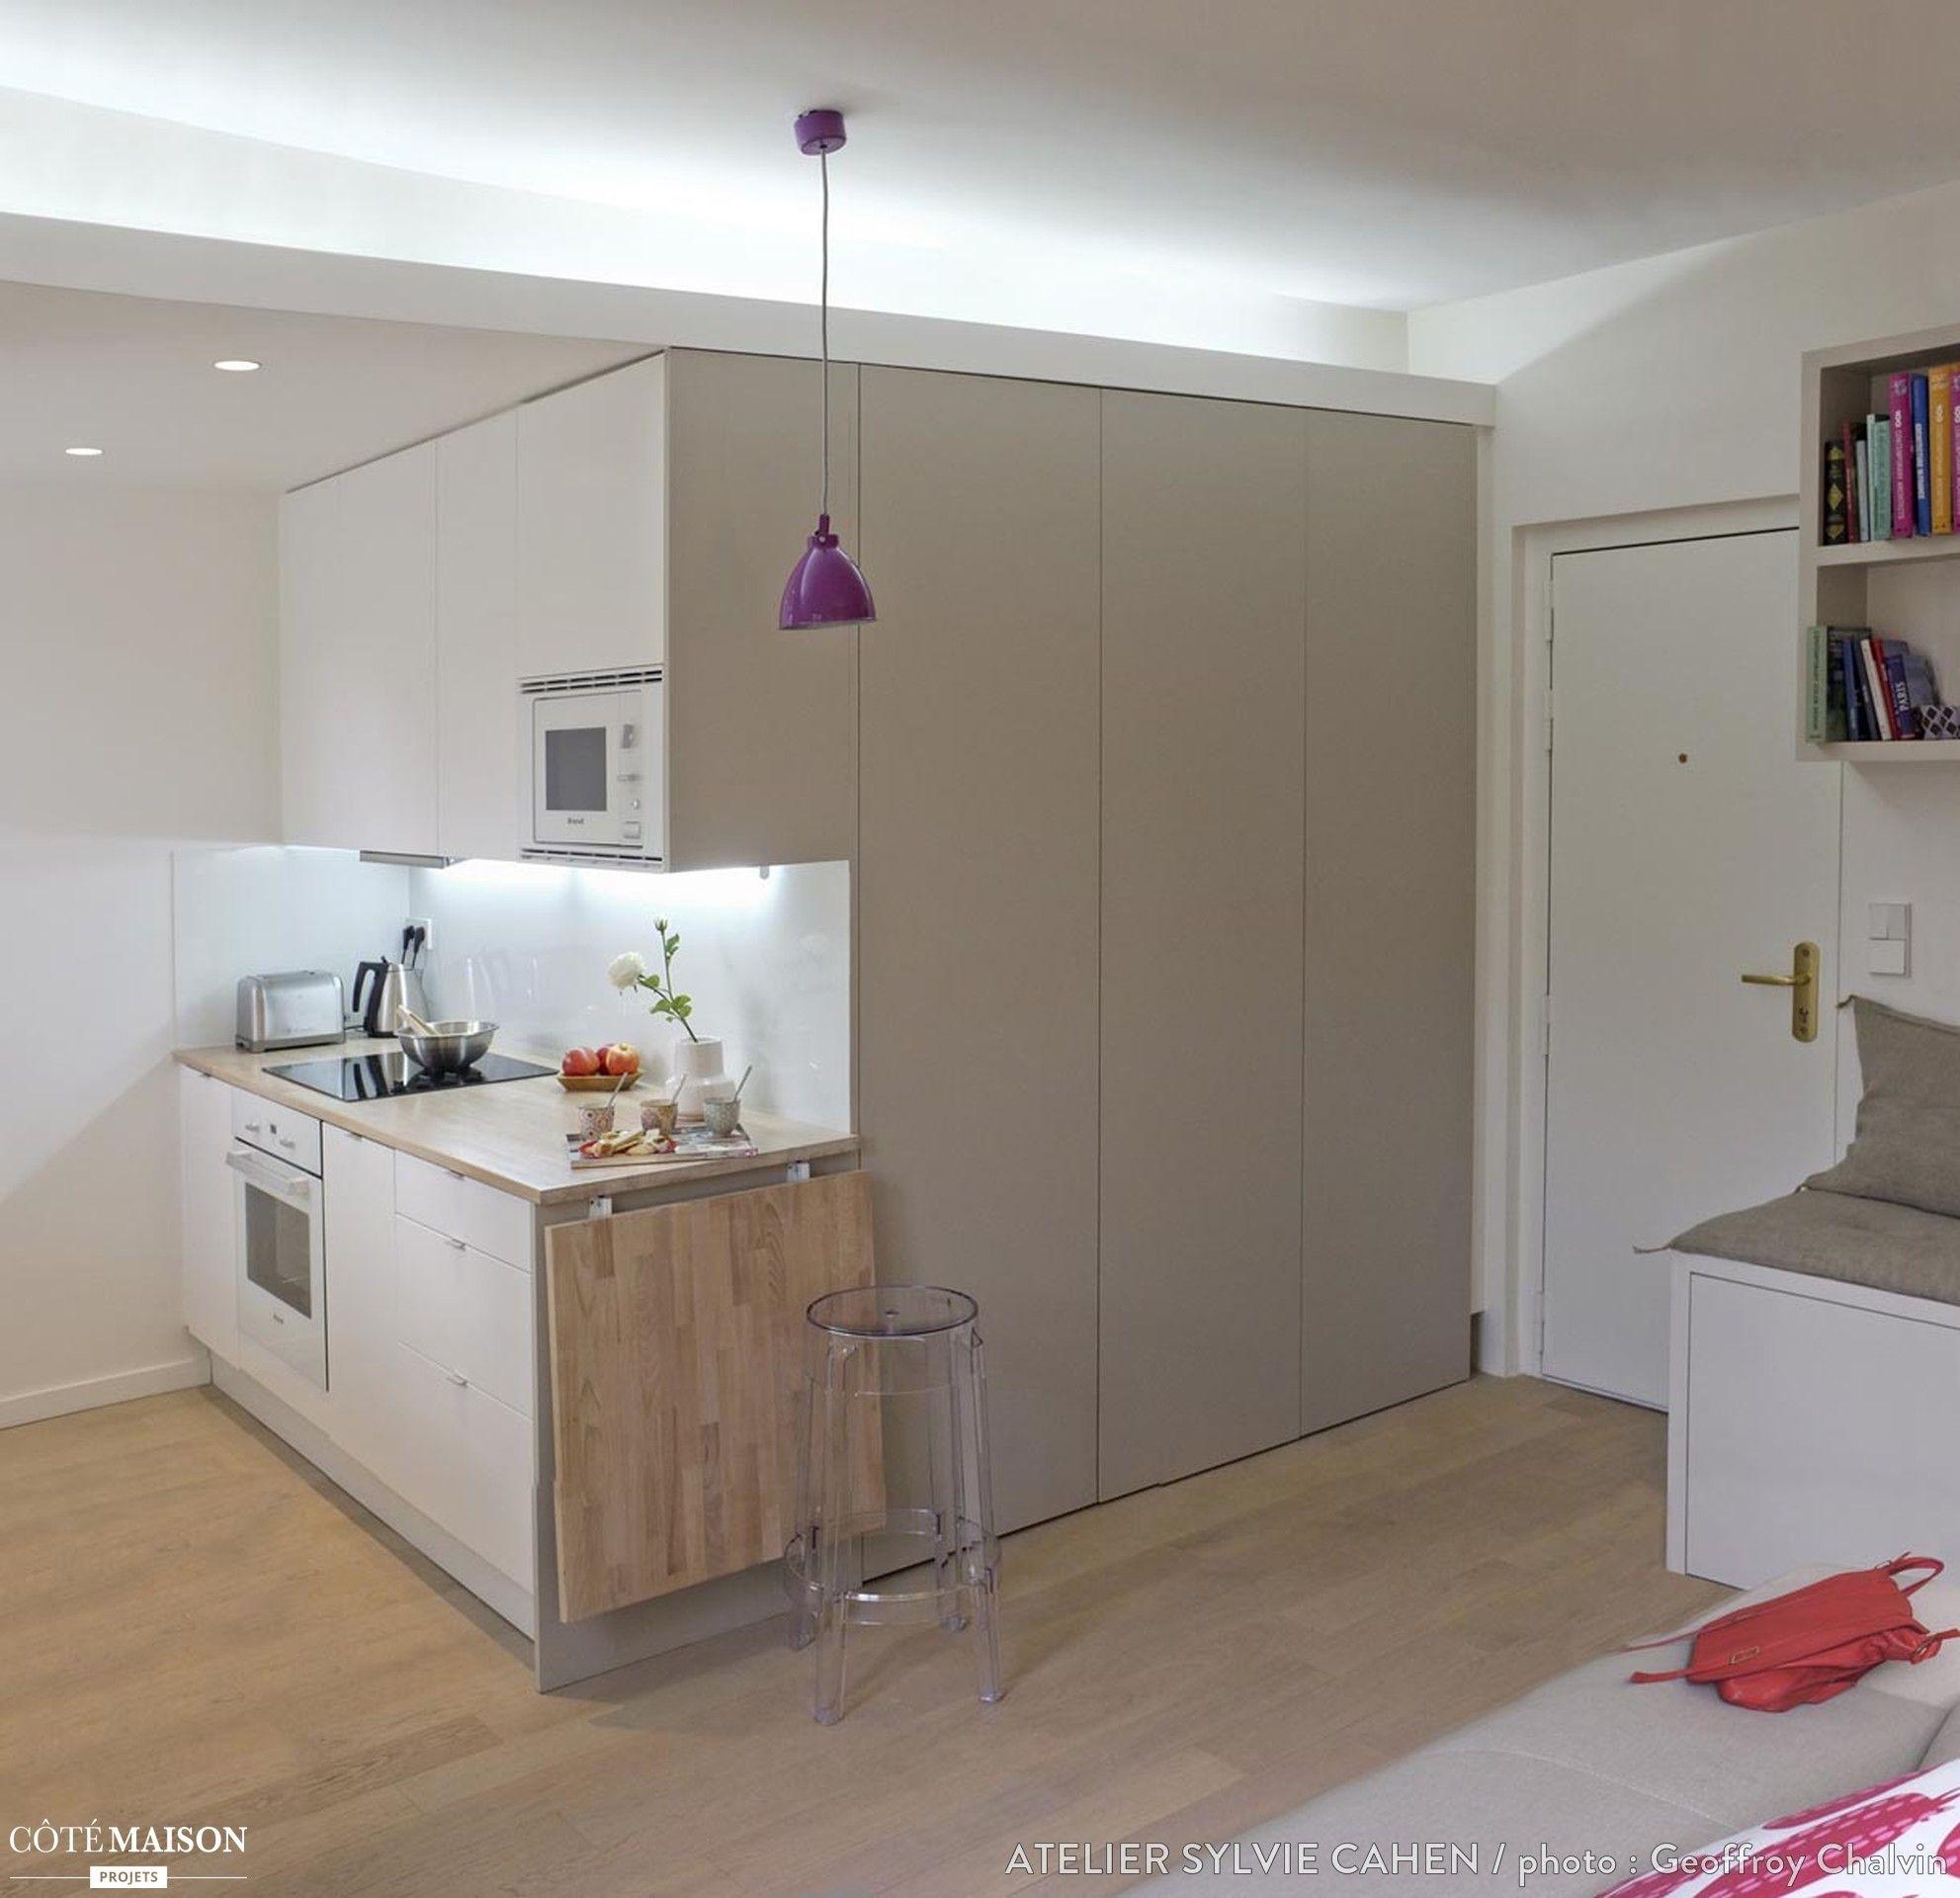 une petite cuisine fonctionnelle moderne fra che avec table up down pour coin repas. Black Bedroom Furniture Sets. Home Design Ideas